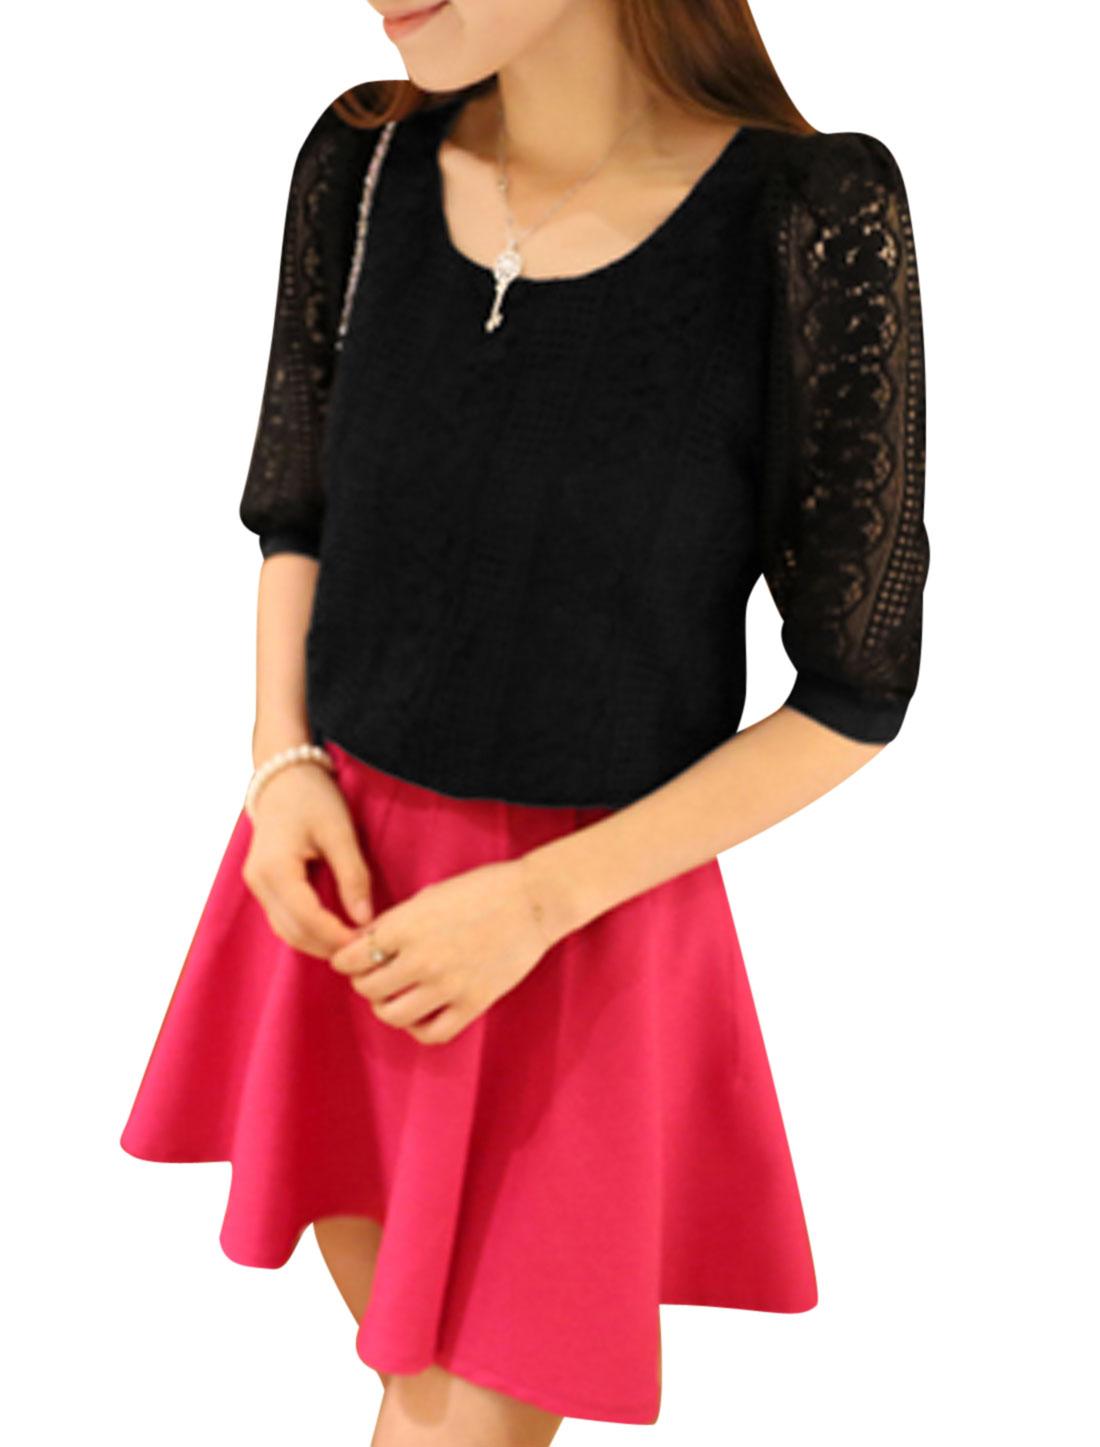 Ladies Crochet Round Neck Pullover Leisure Shirt Black S